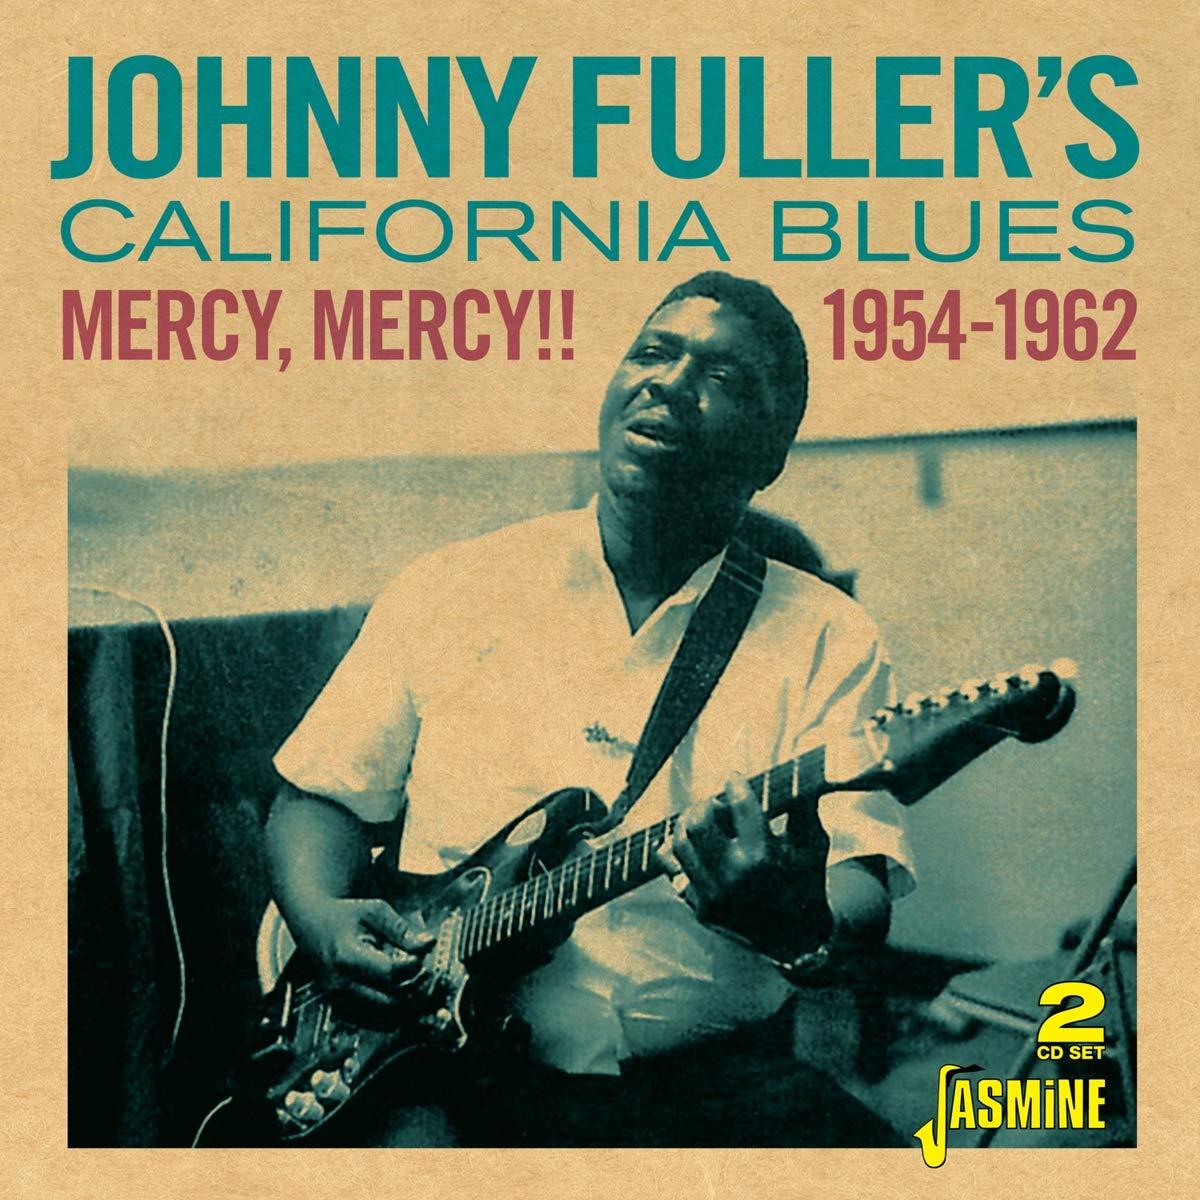 Mercy, Mercy!! Johnny Fuller's California Blues 1954-62